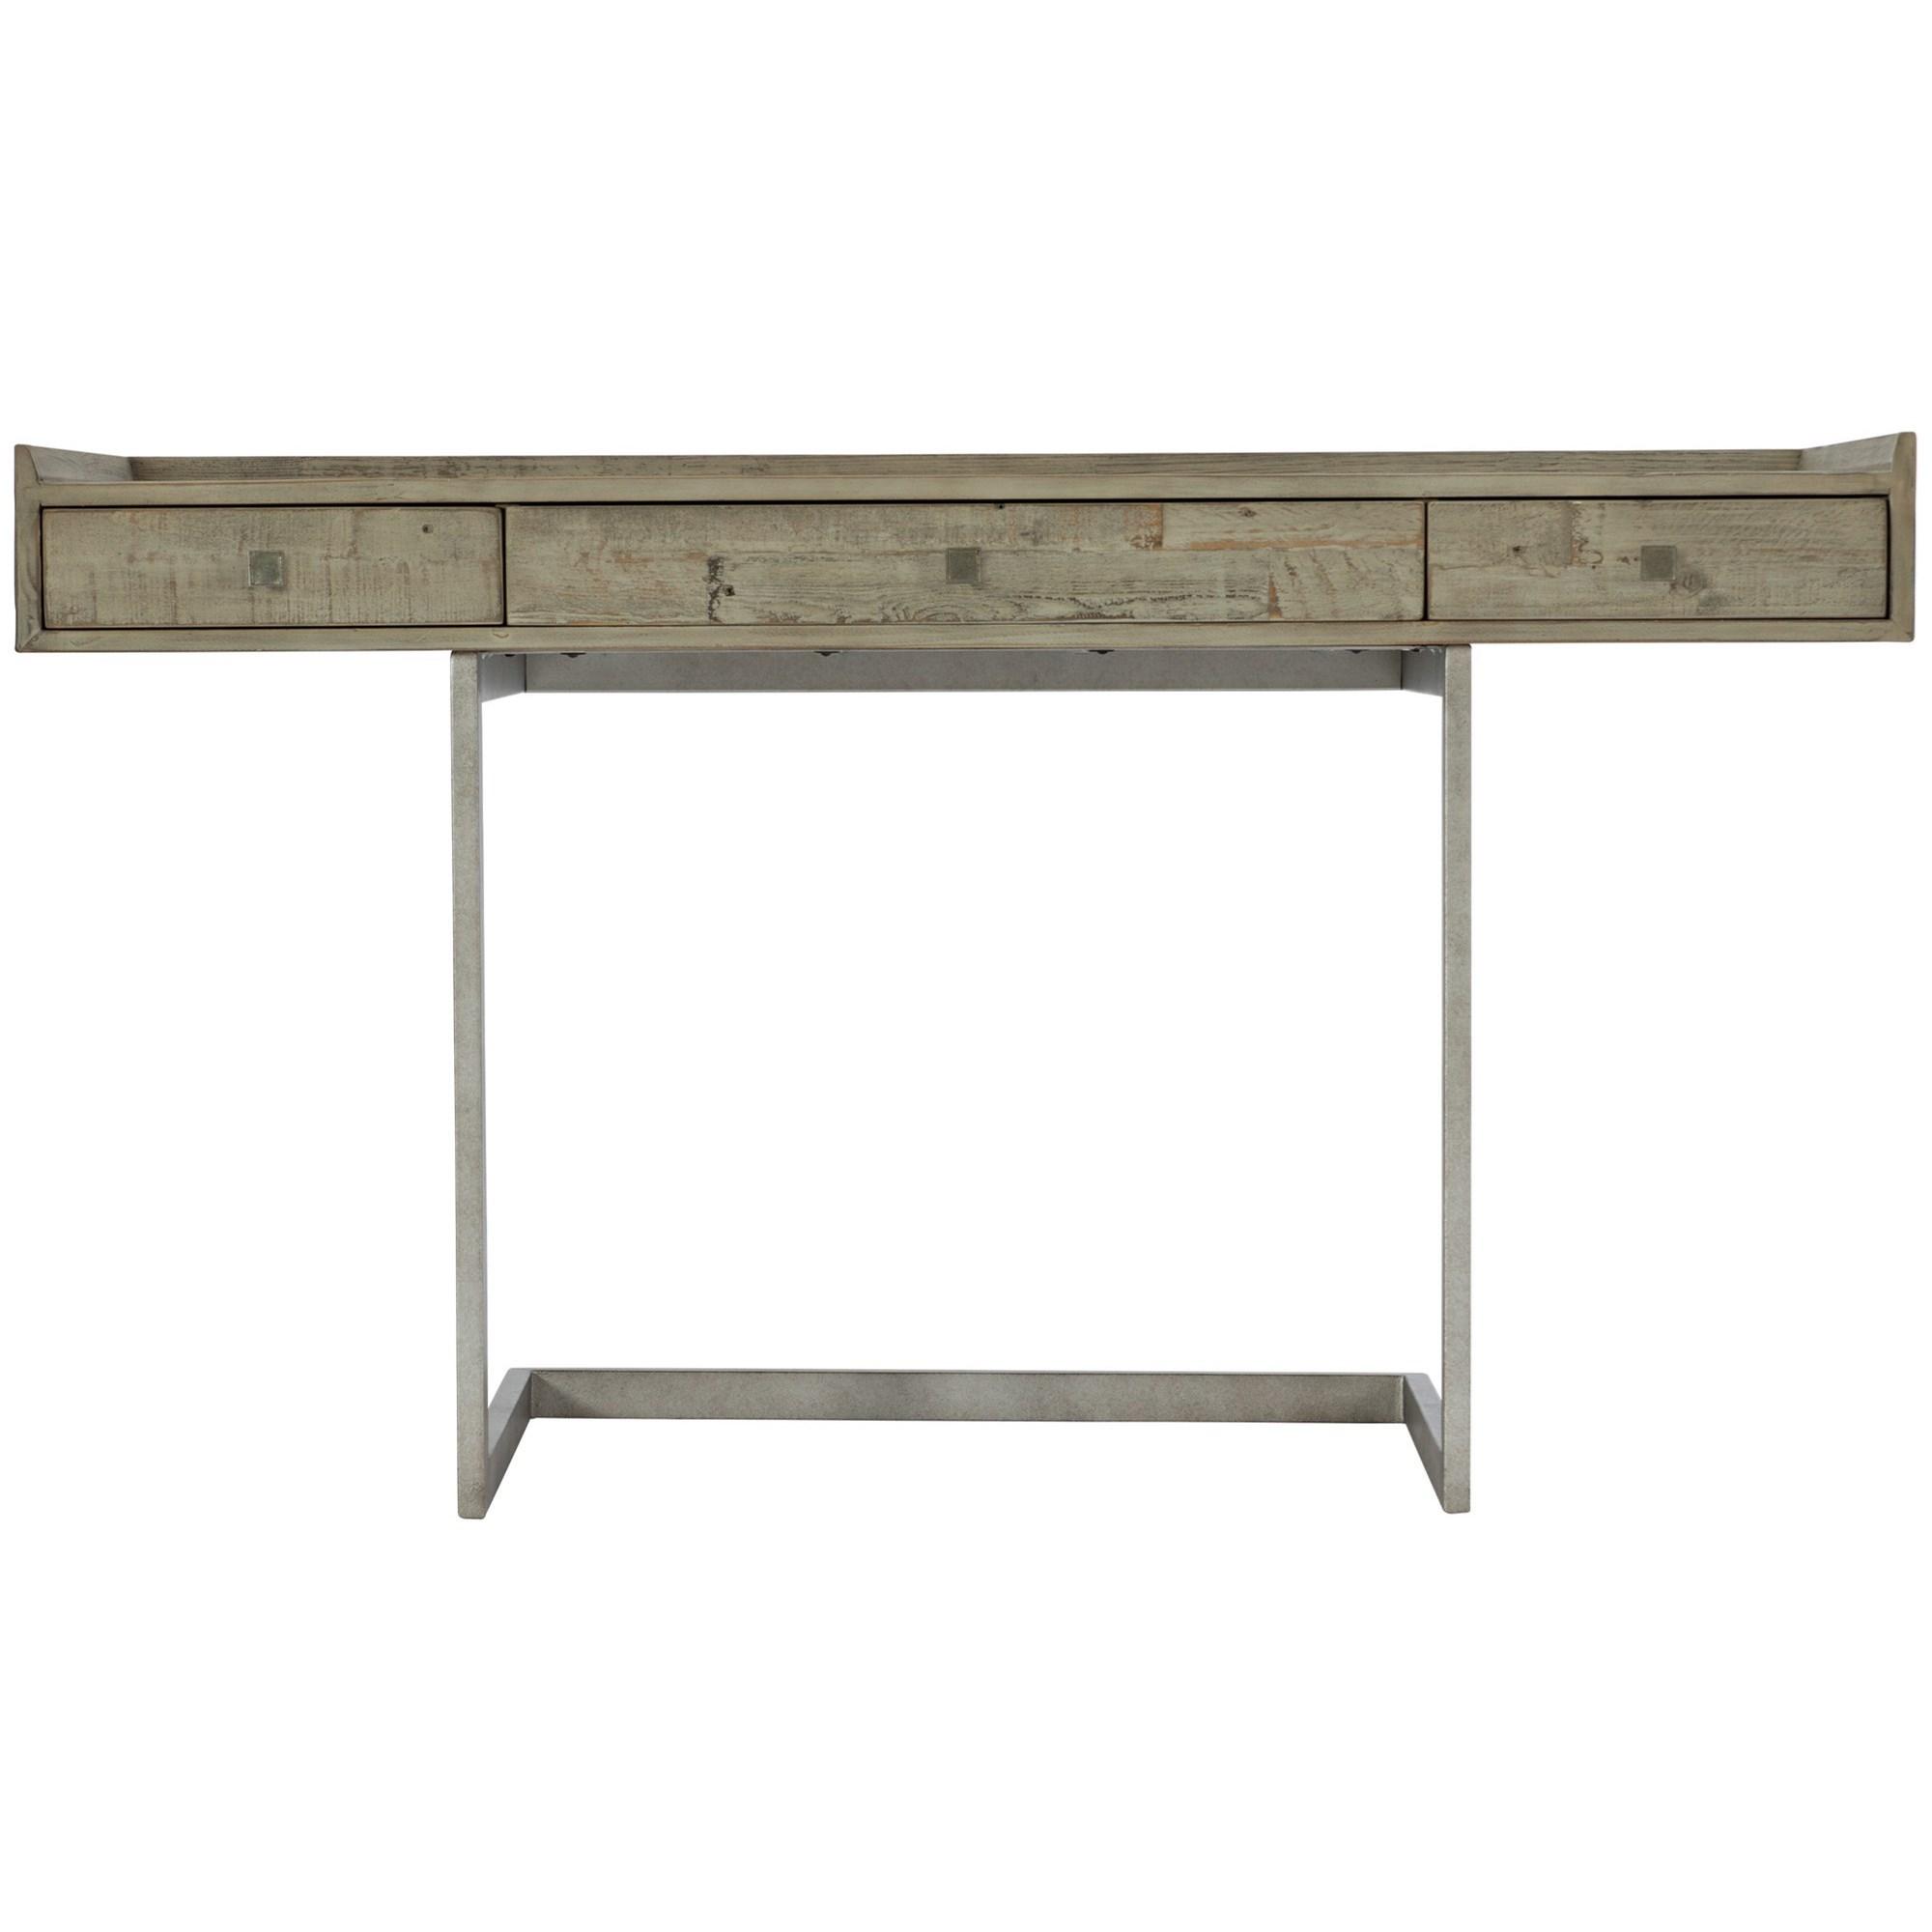 Loft - Highland Park Karter Desk by Bernhardt at Baer's Furniture